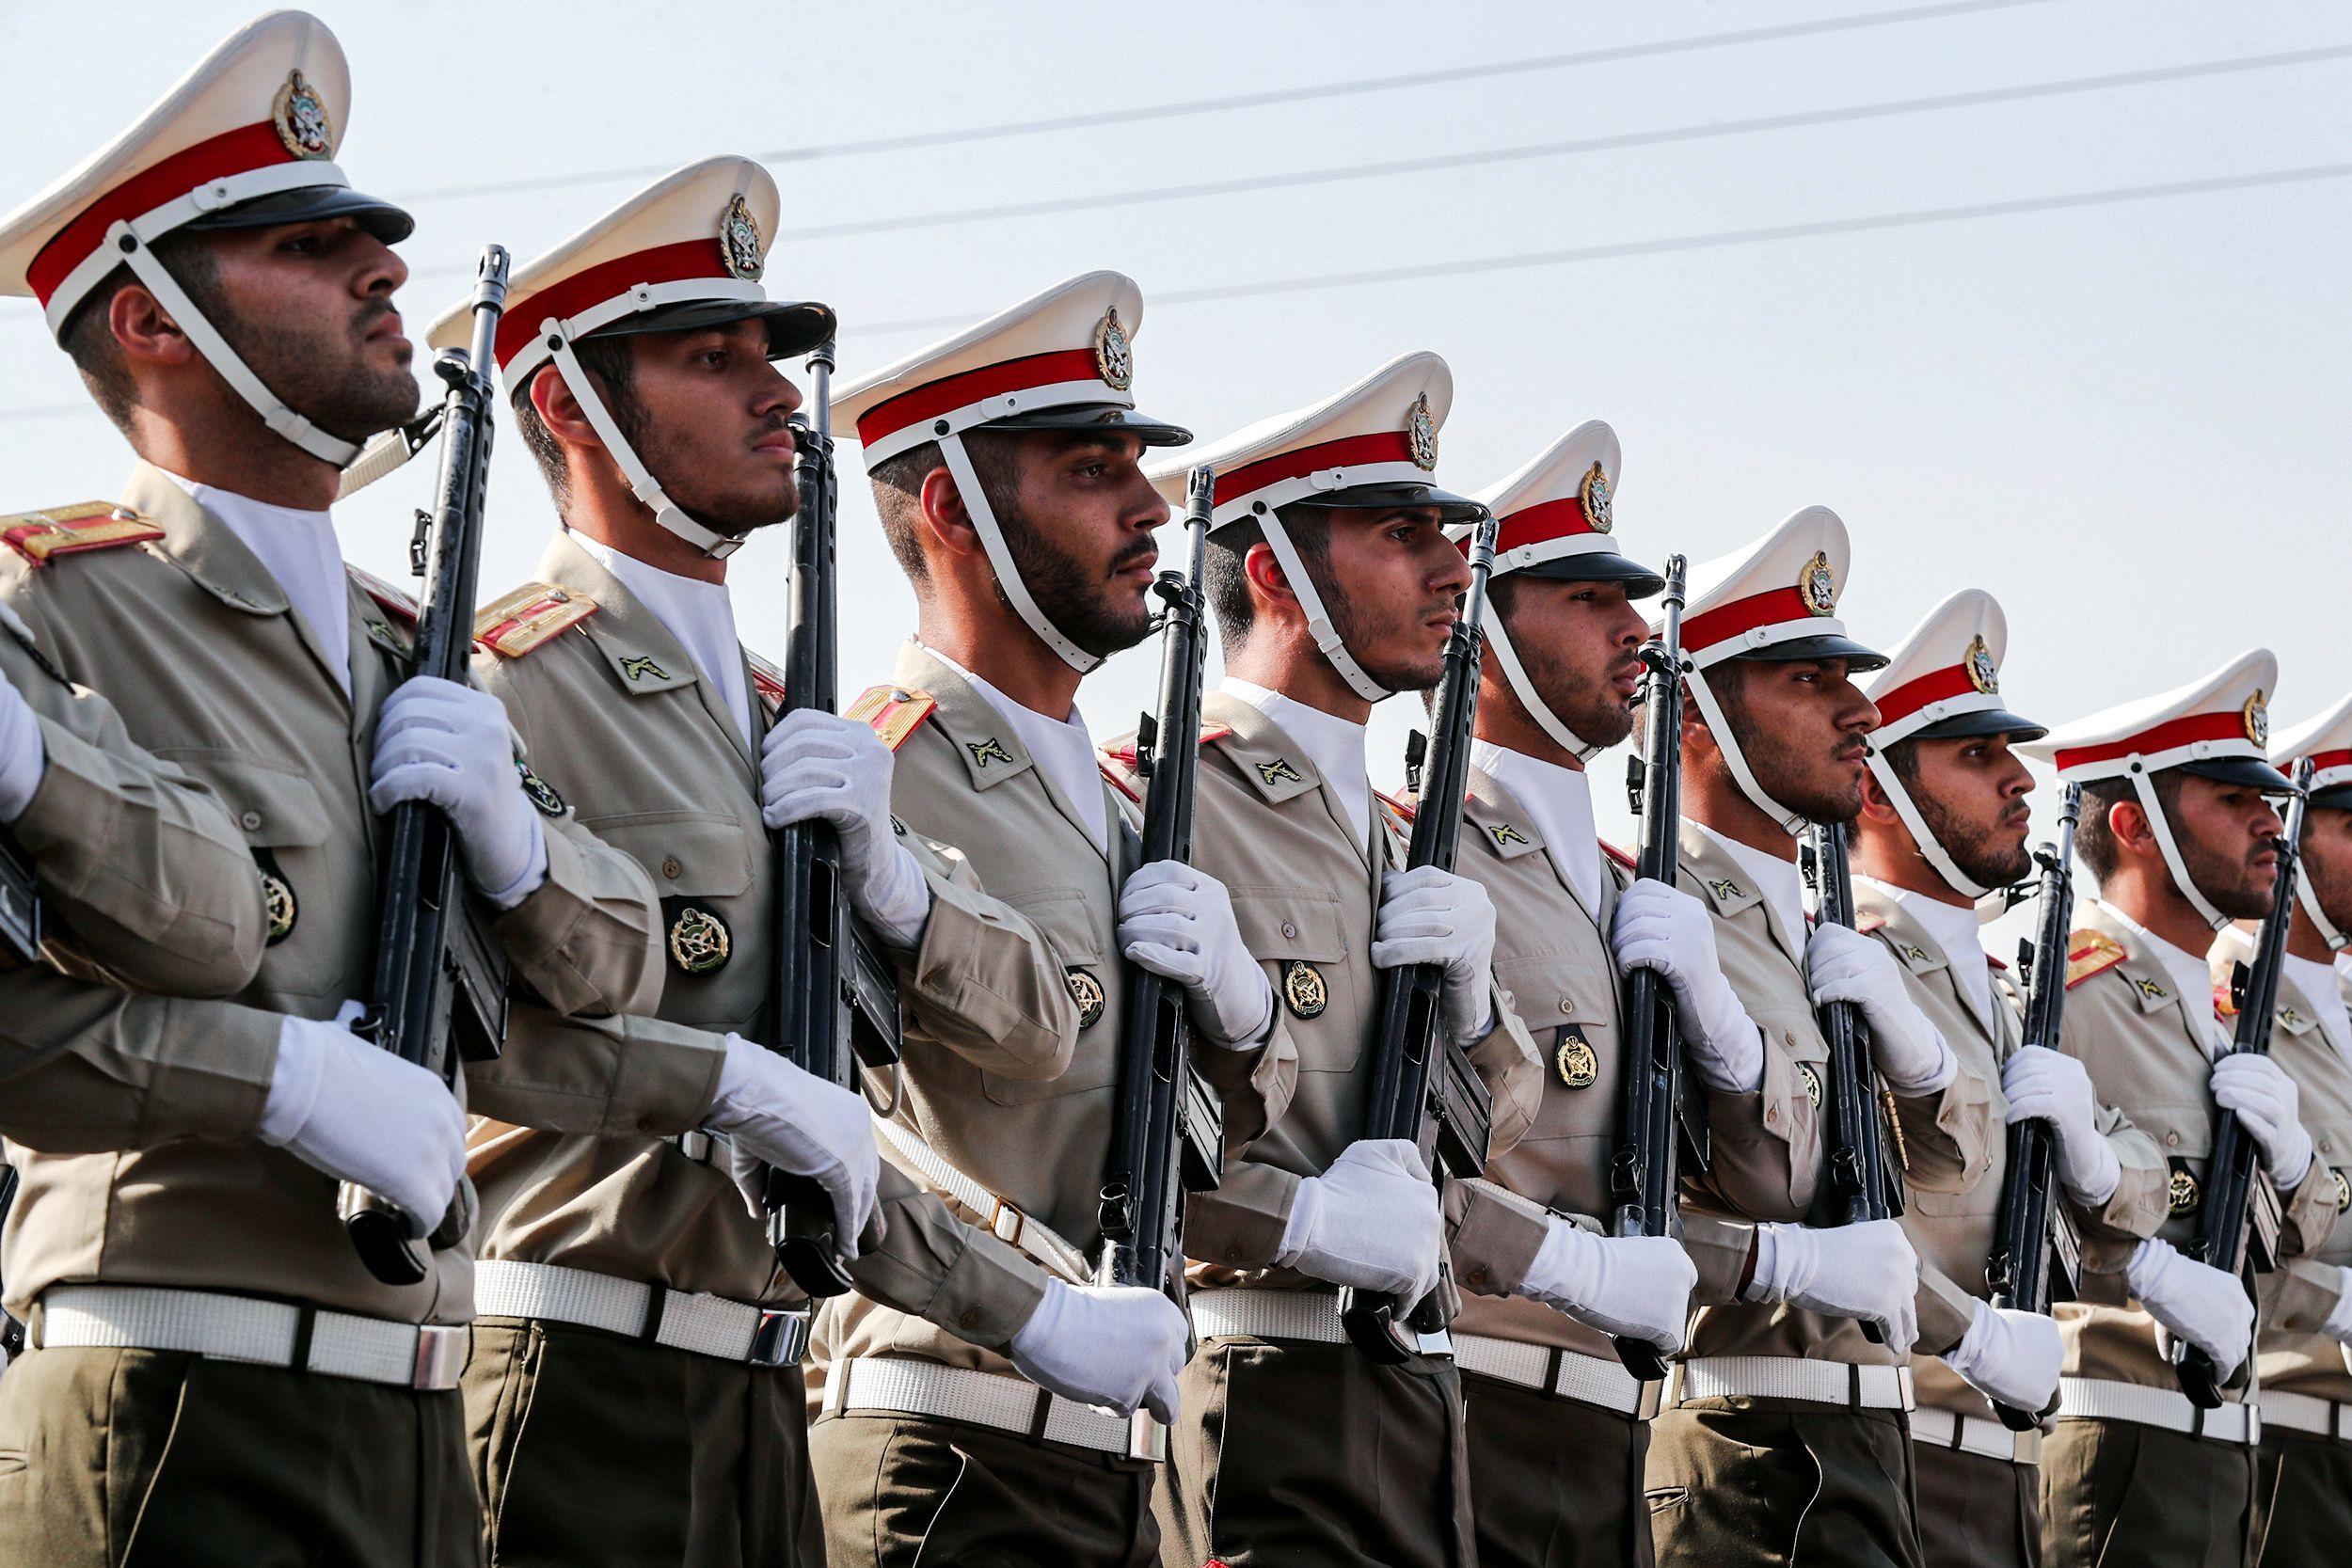 El desfile militar en Teherán conmemoraba el 39° aniversario del inicio de una guerra de ocho años con Irak iniciada cuando Saddam Hussein invadió Irán en 1980